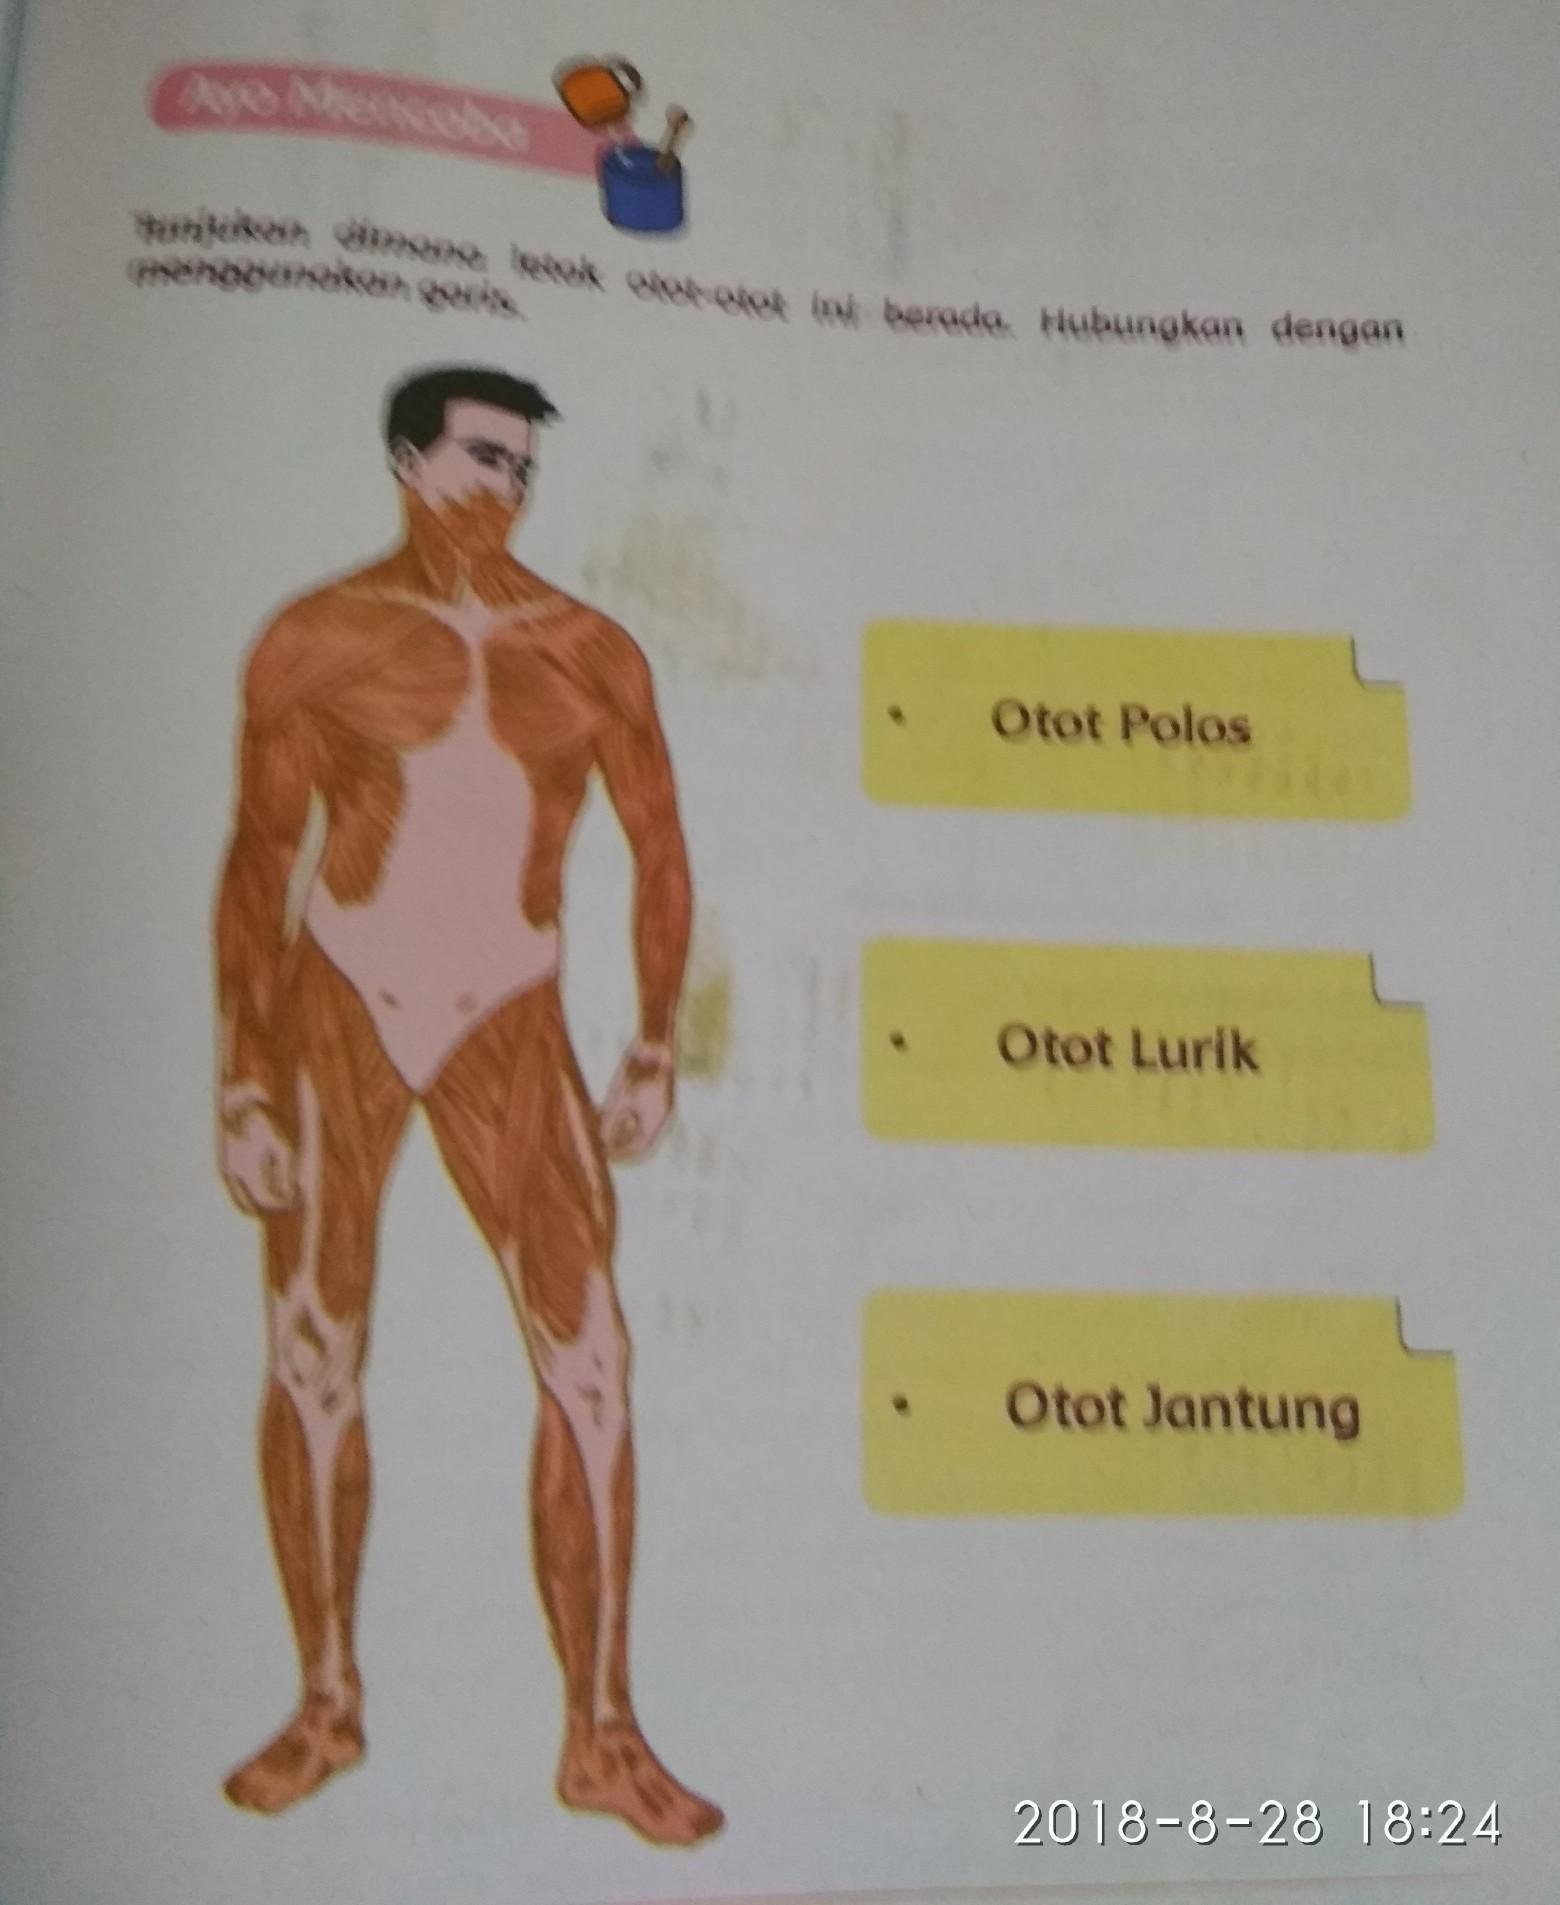 Letak Otot Jantung : letak, jantung, Tunjukan, Dimana, Letak, Polos, Lurik, Jantung, Brainly.co.id